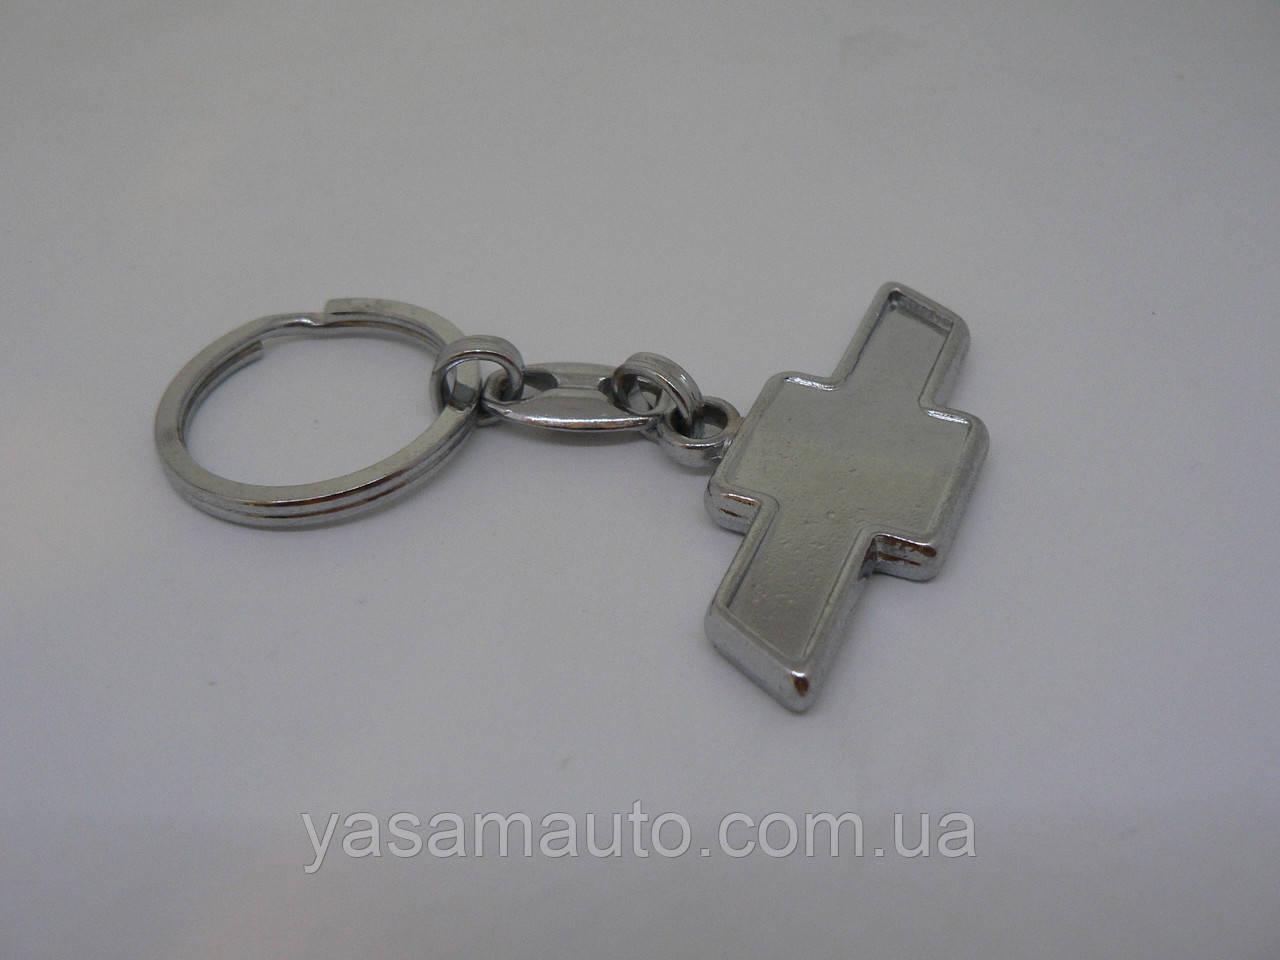 Брелок металлический простой Chevrolet логотип эмблема Шевролет автомобильный на авто ключи